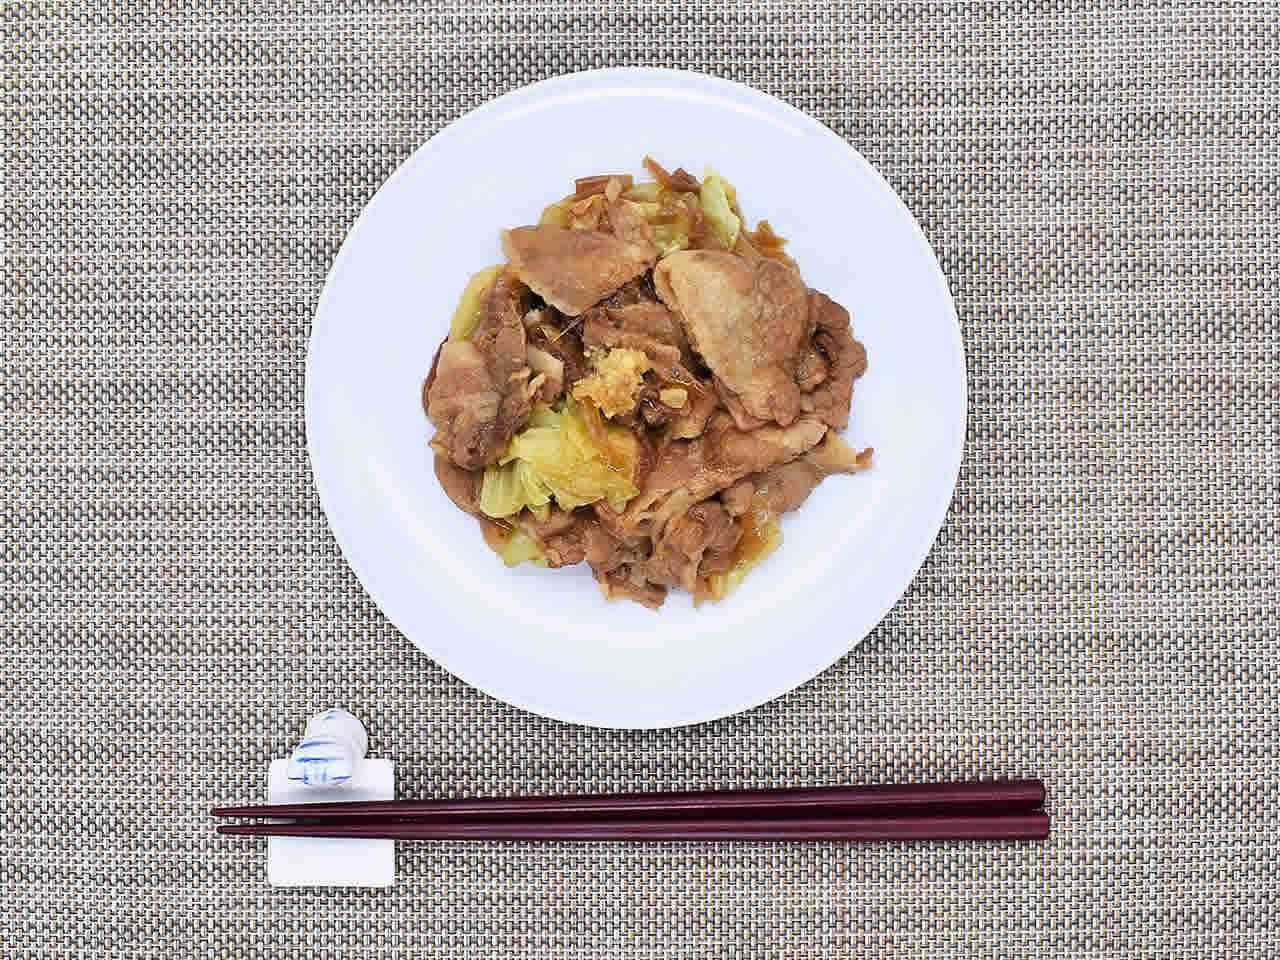 画像: 生姜の刺激が絶妙な「生姜香る 豚バラ肉の生姜焼」